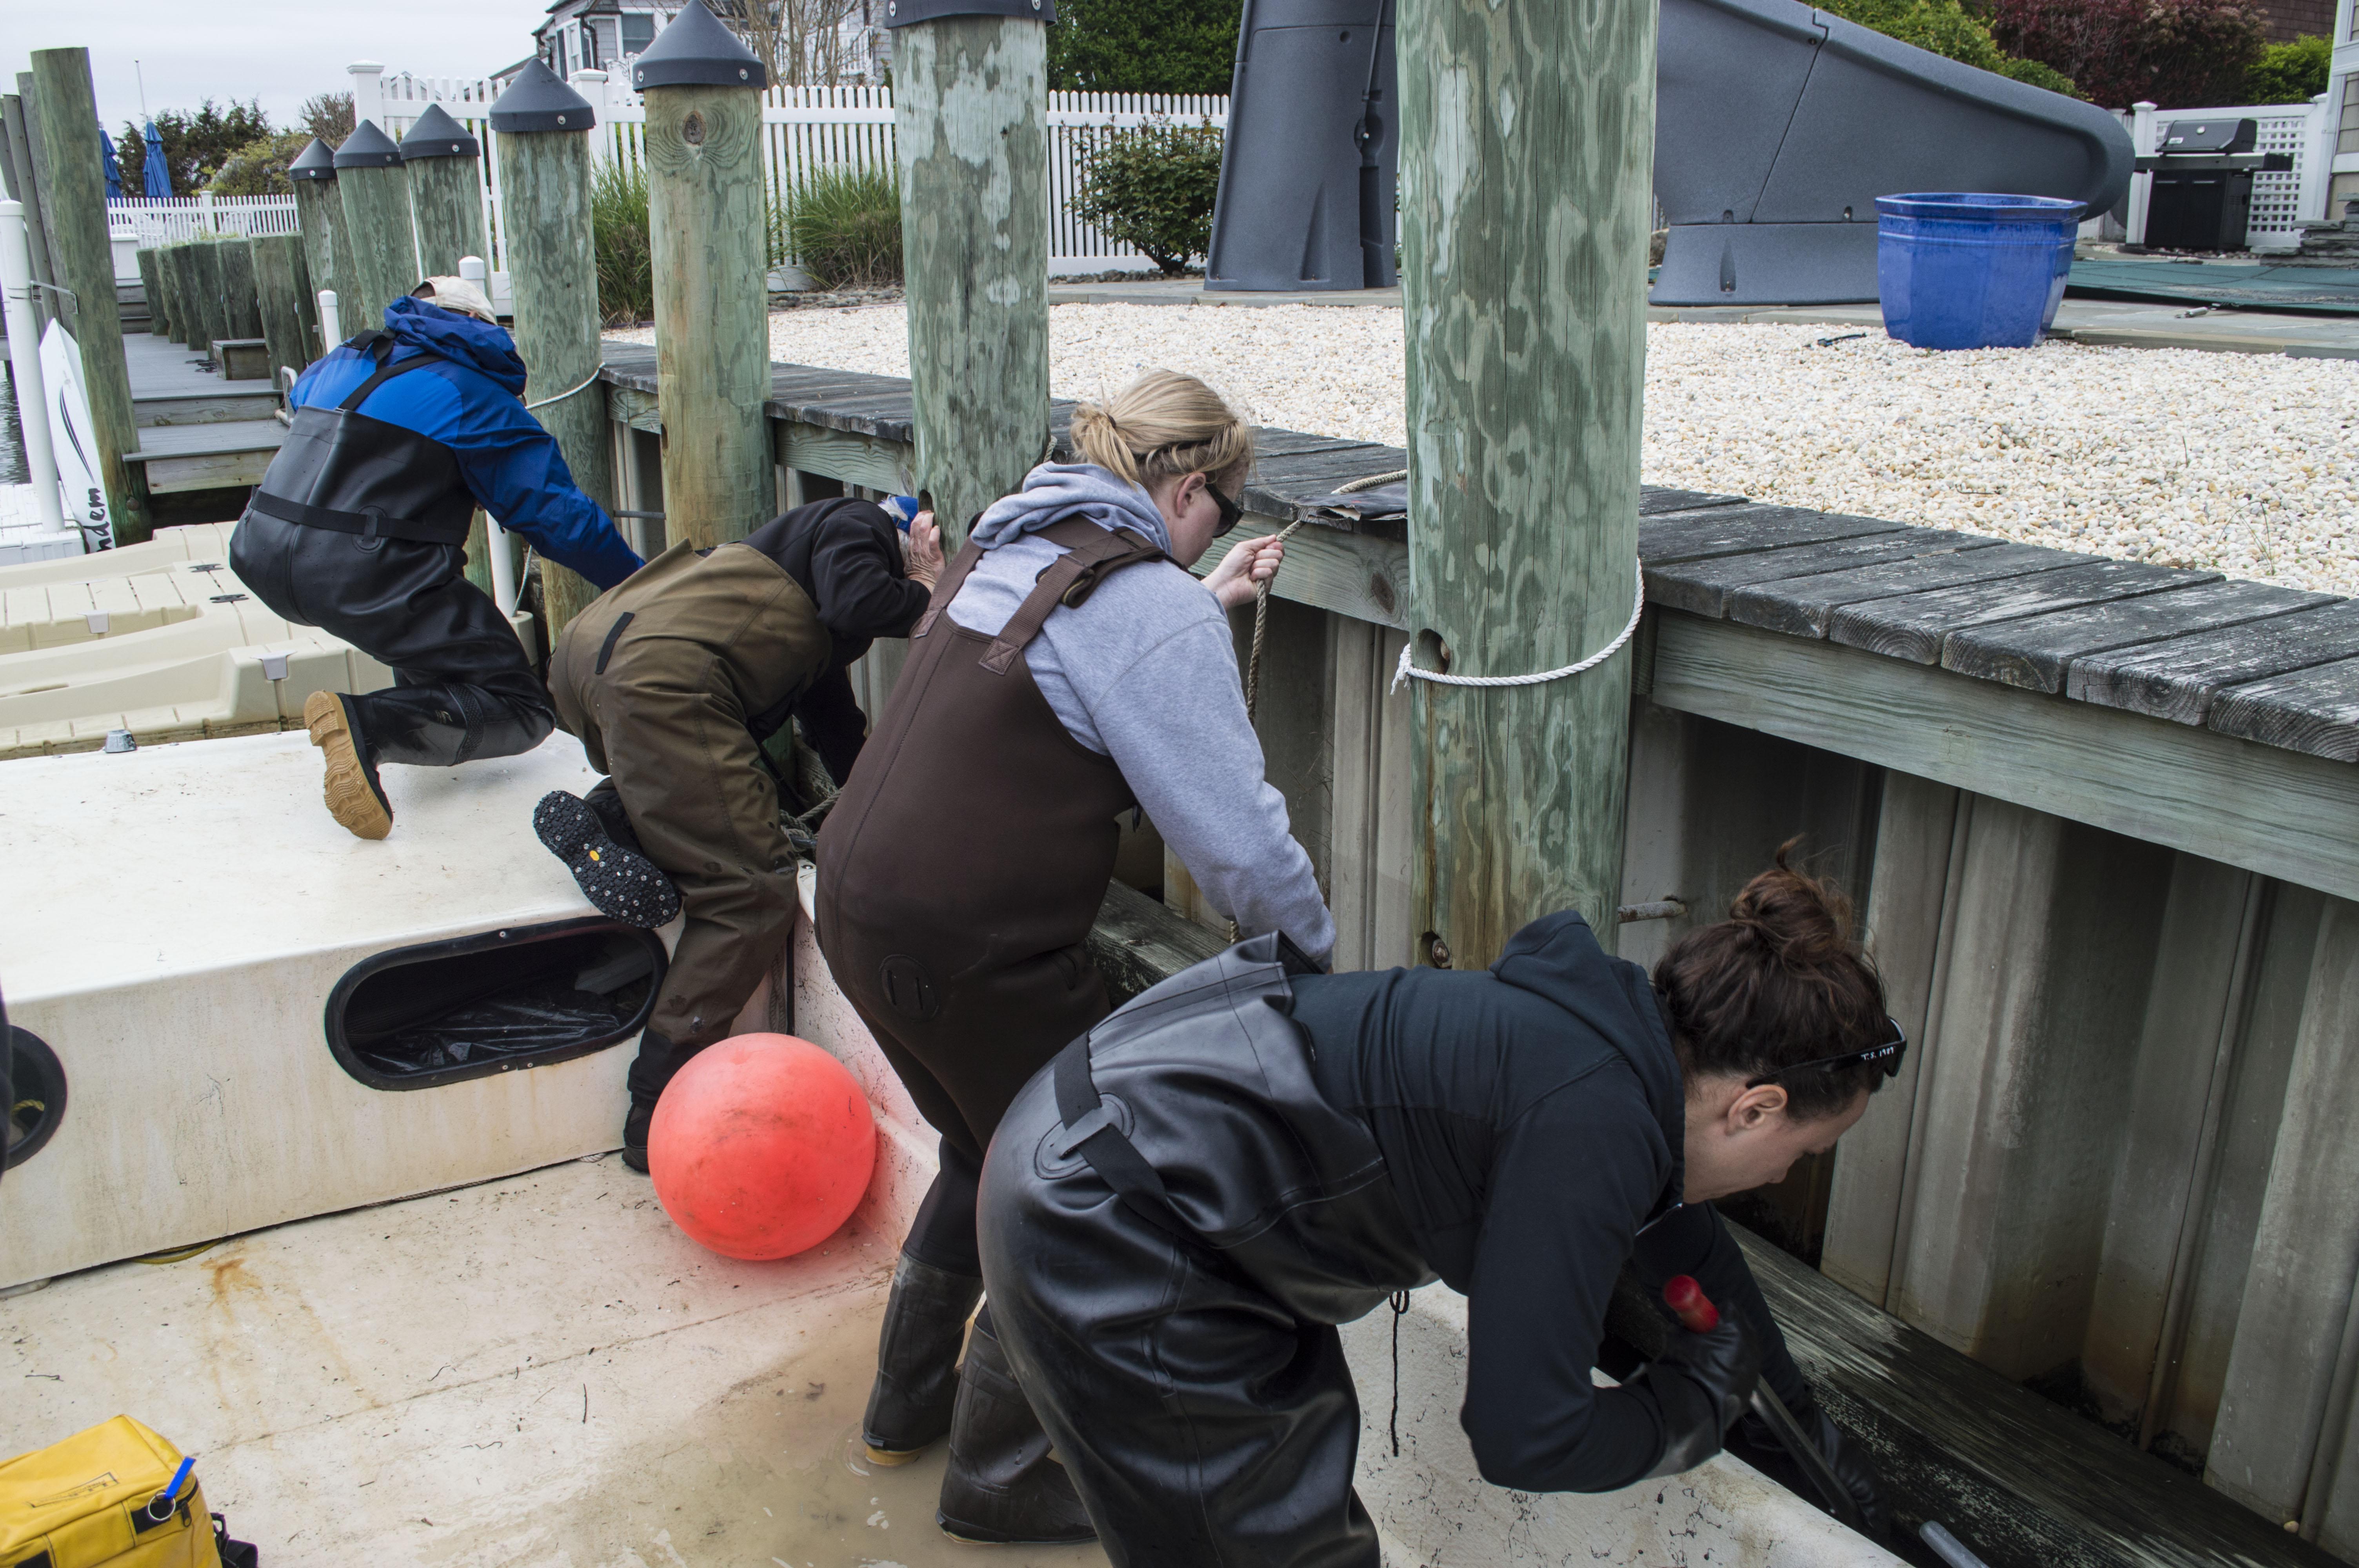 Volunteers scrub away sea nettles in Brick's Curtis Point neighborhood. (Photo: Daniel Nee)